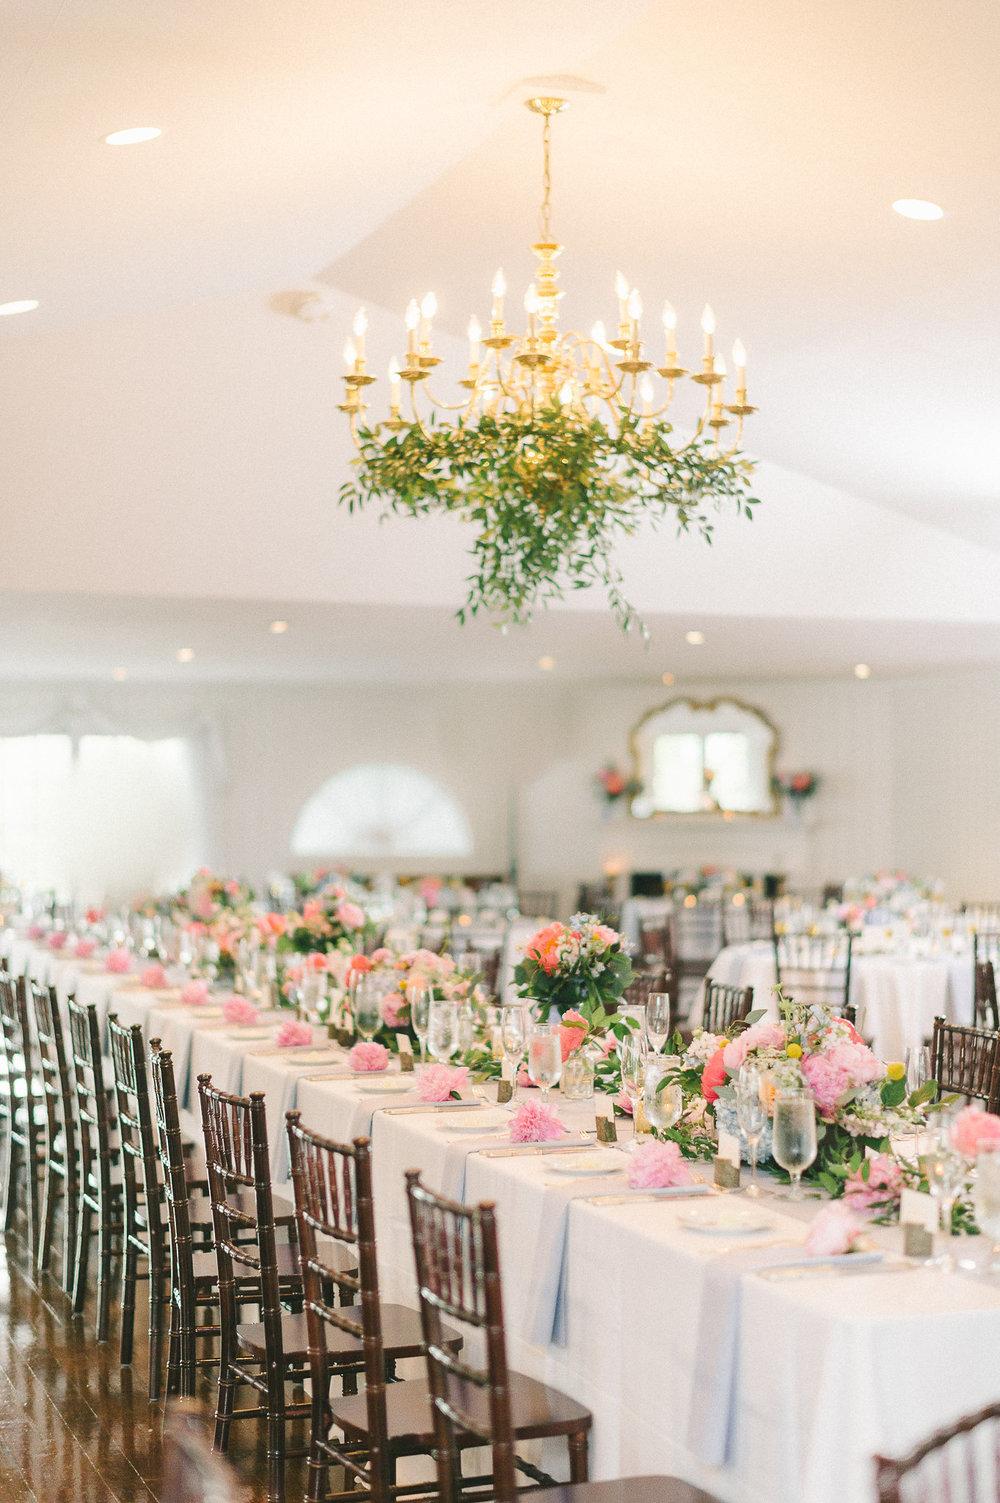 Elizabeth-Fogarty-Wedding-Photography-186.jpg